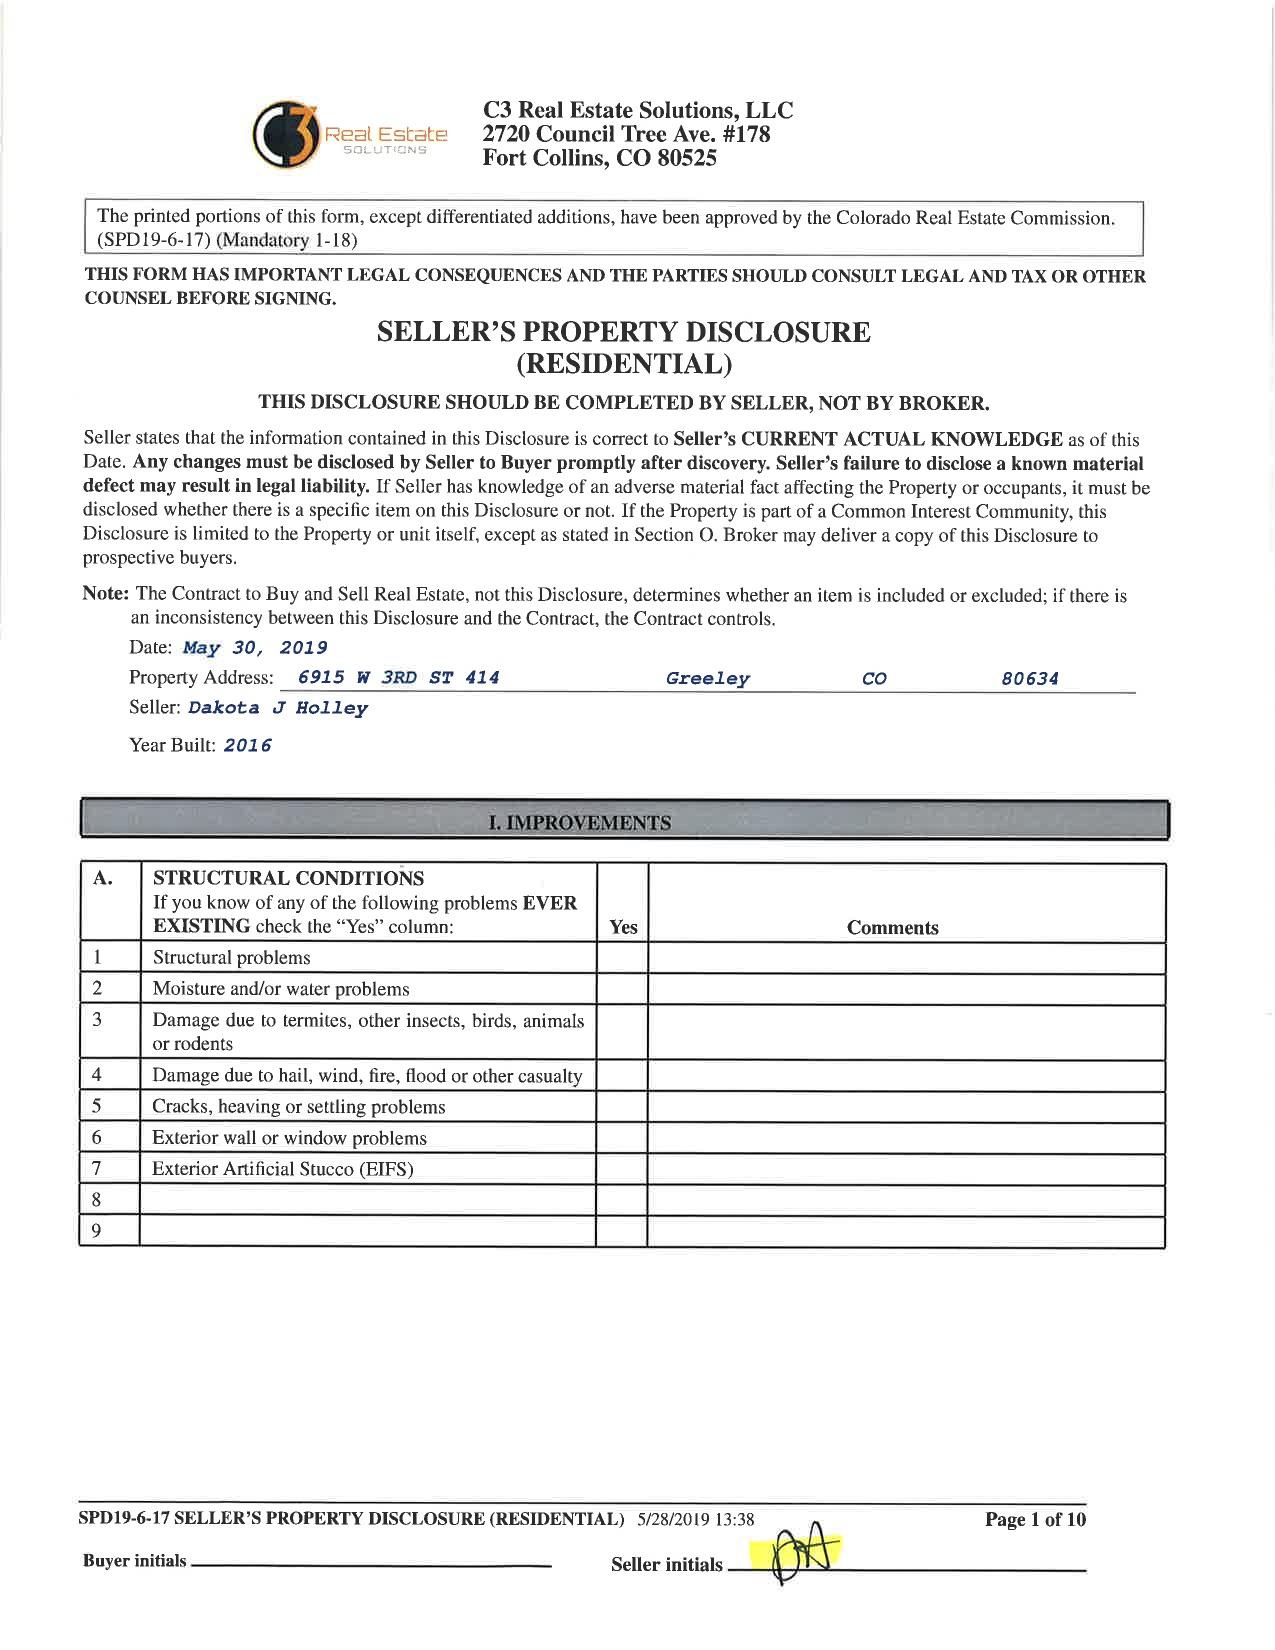 Holley SPD 6915 W 3RD ST UNIT 414.jpg